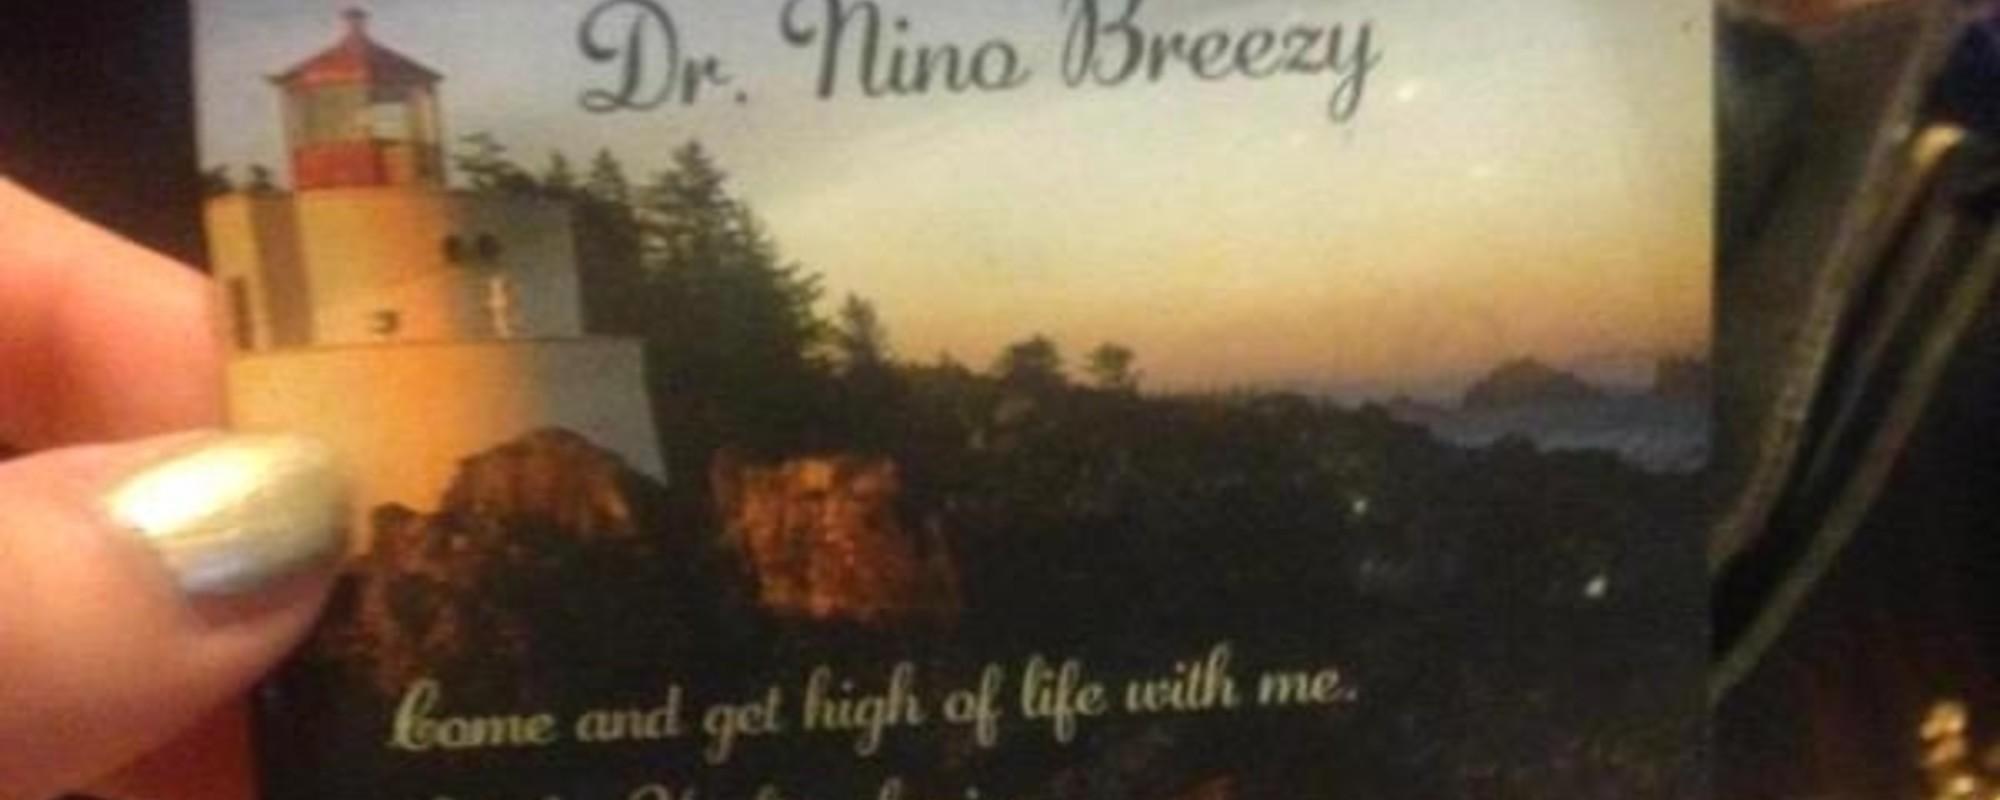 Die faszinierende Welt der Drogendealer-Visitenkarten